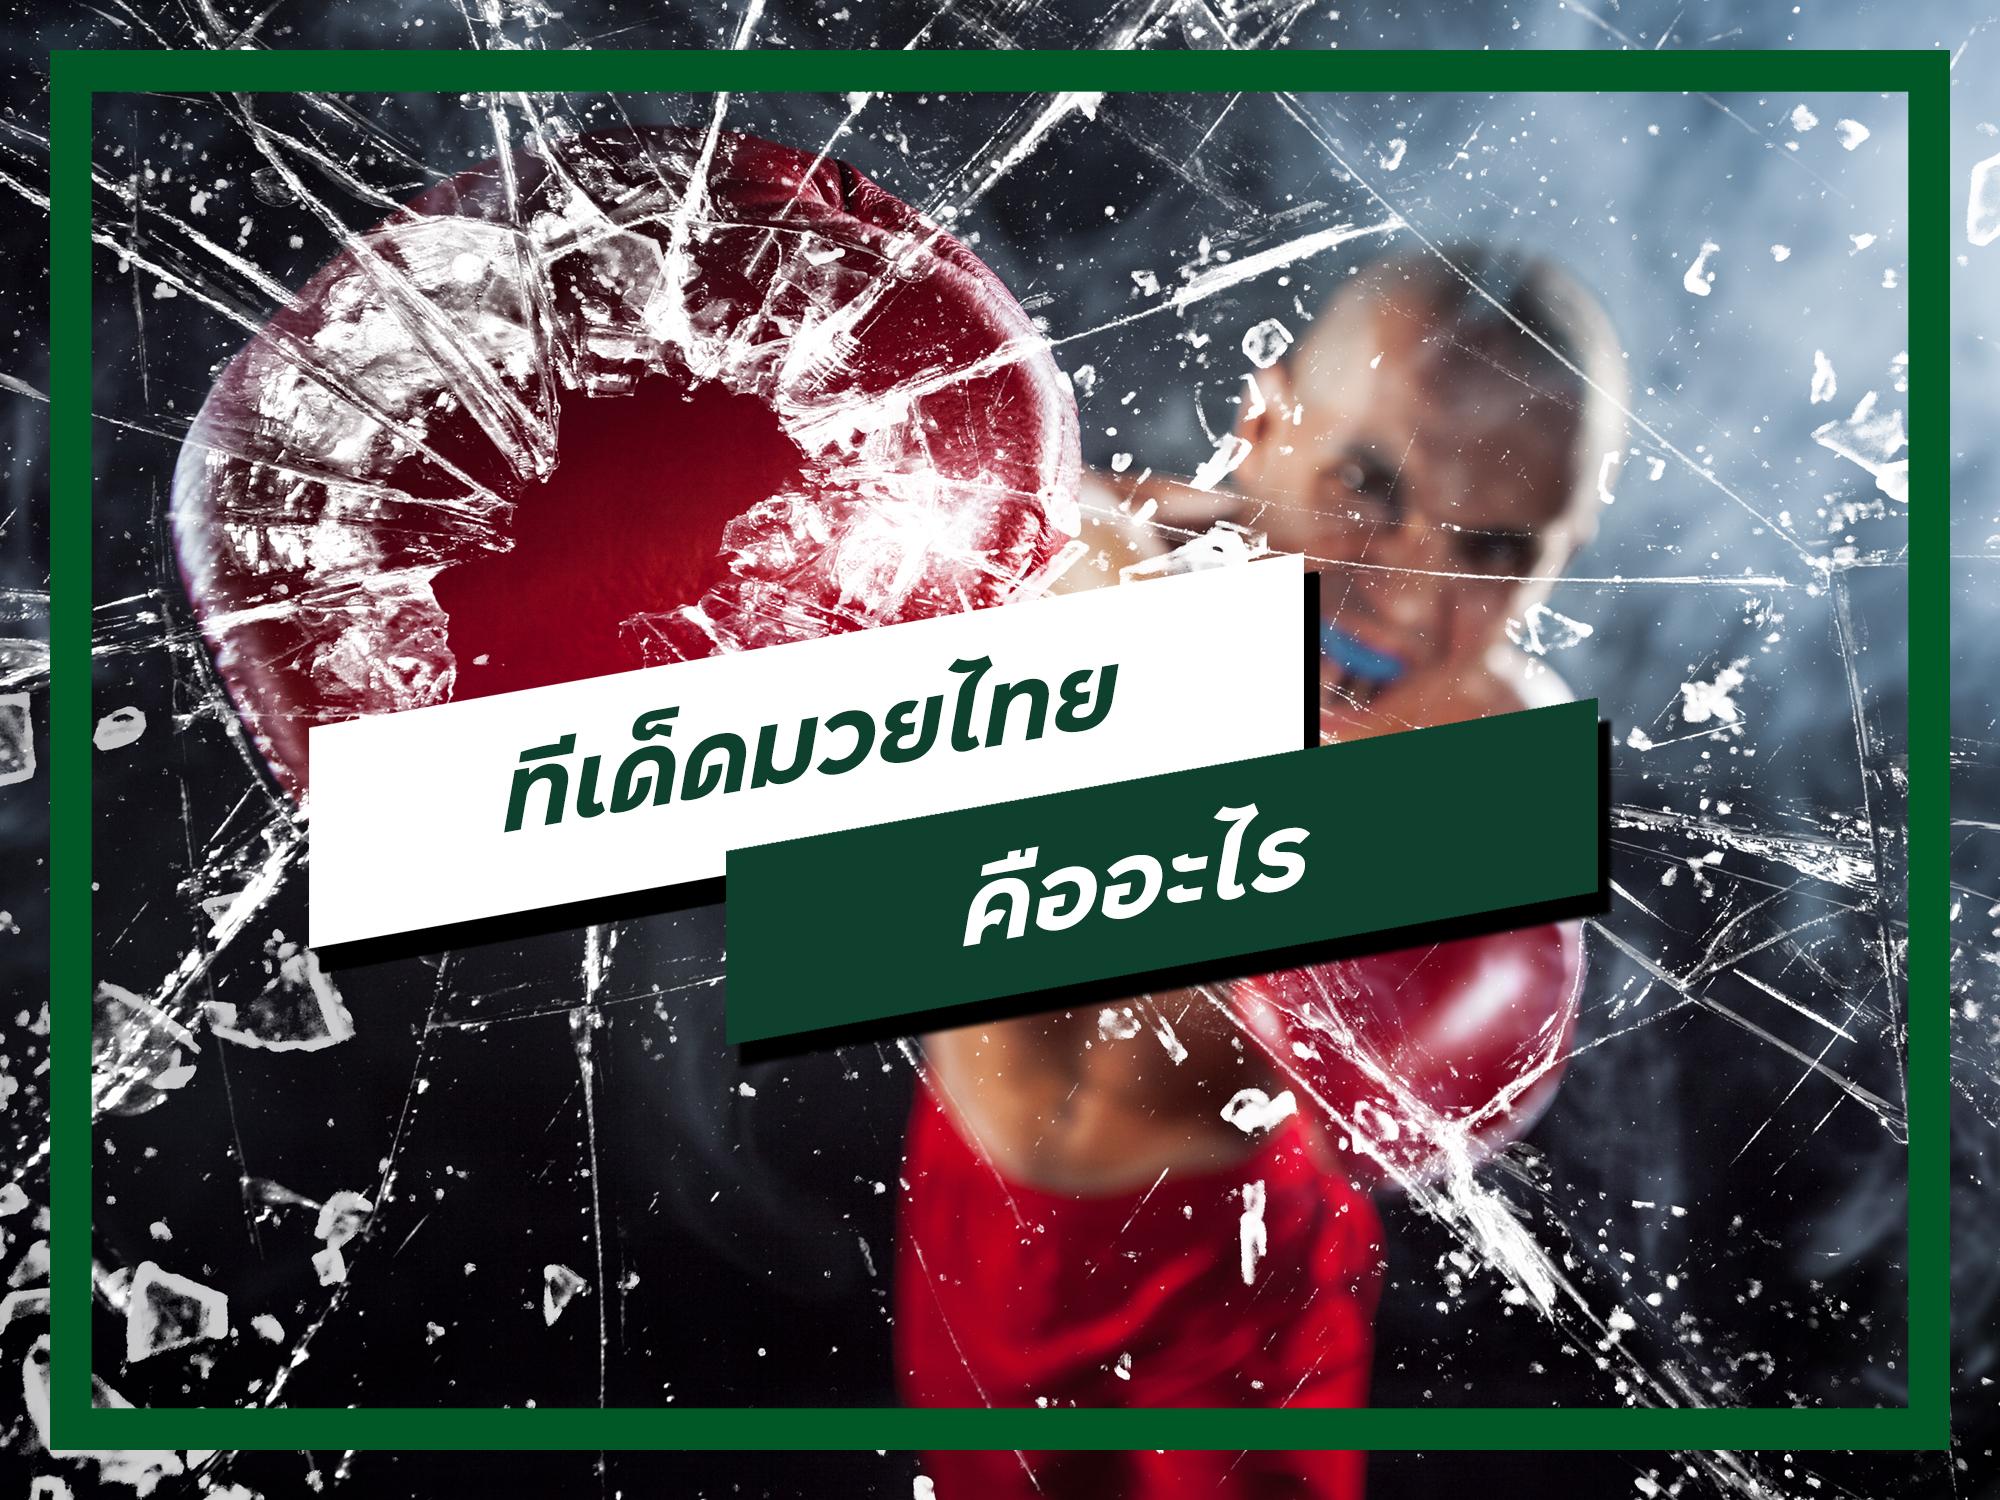 ทีเด็ดมวยไทย คืออะไร